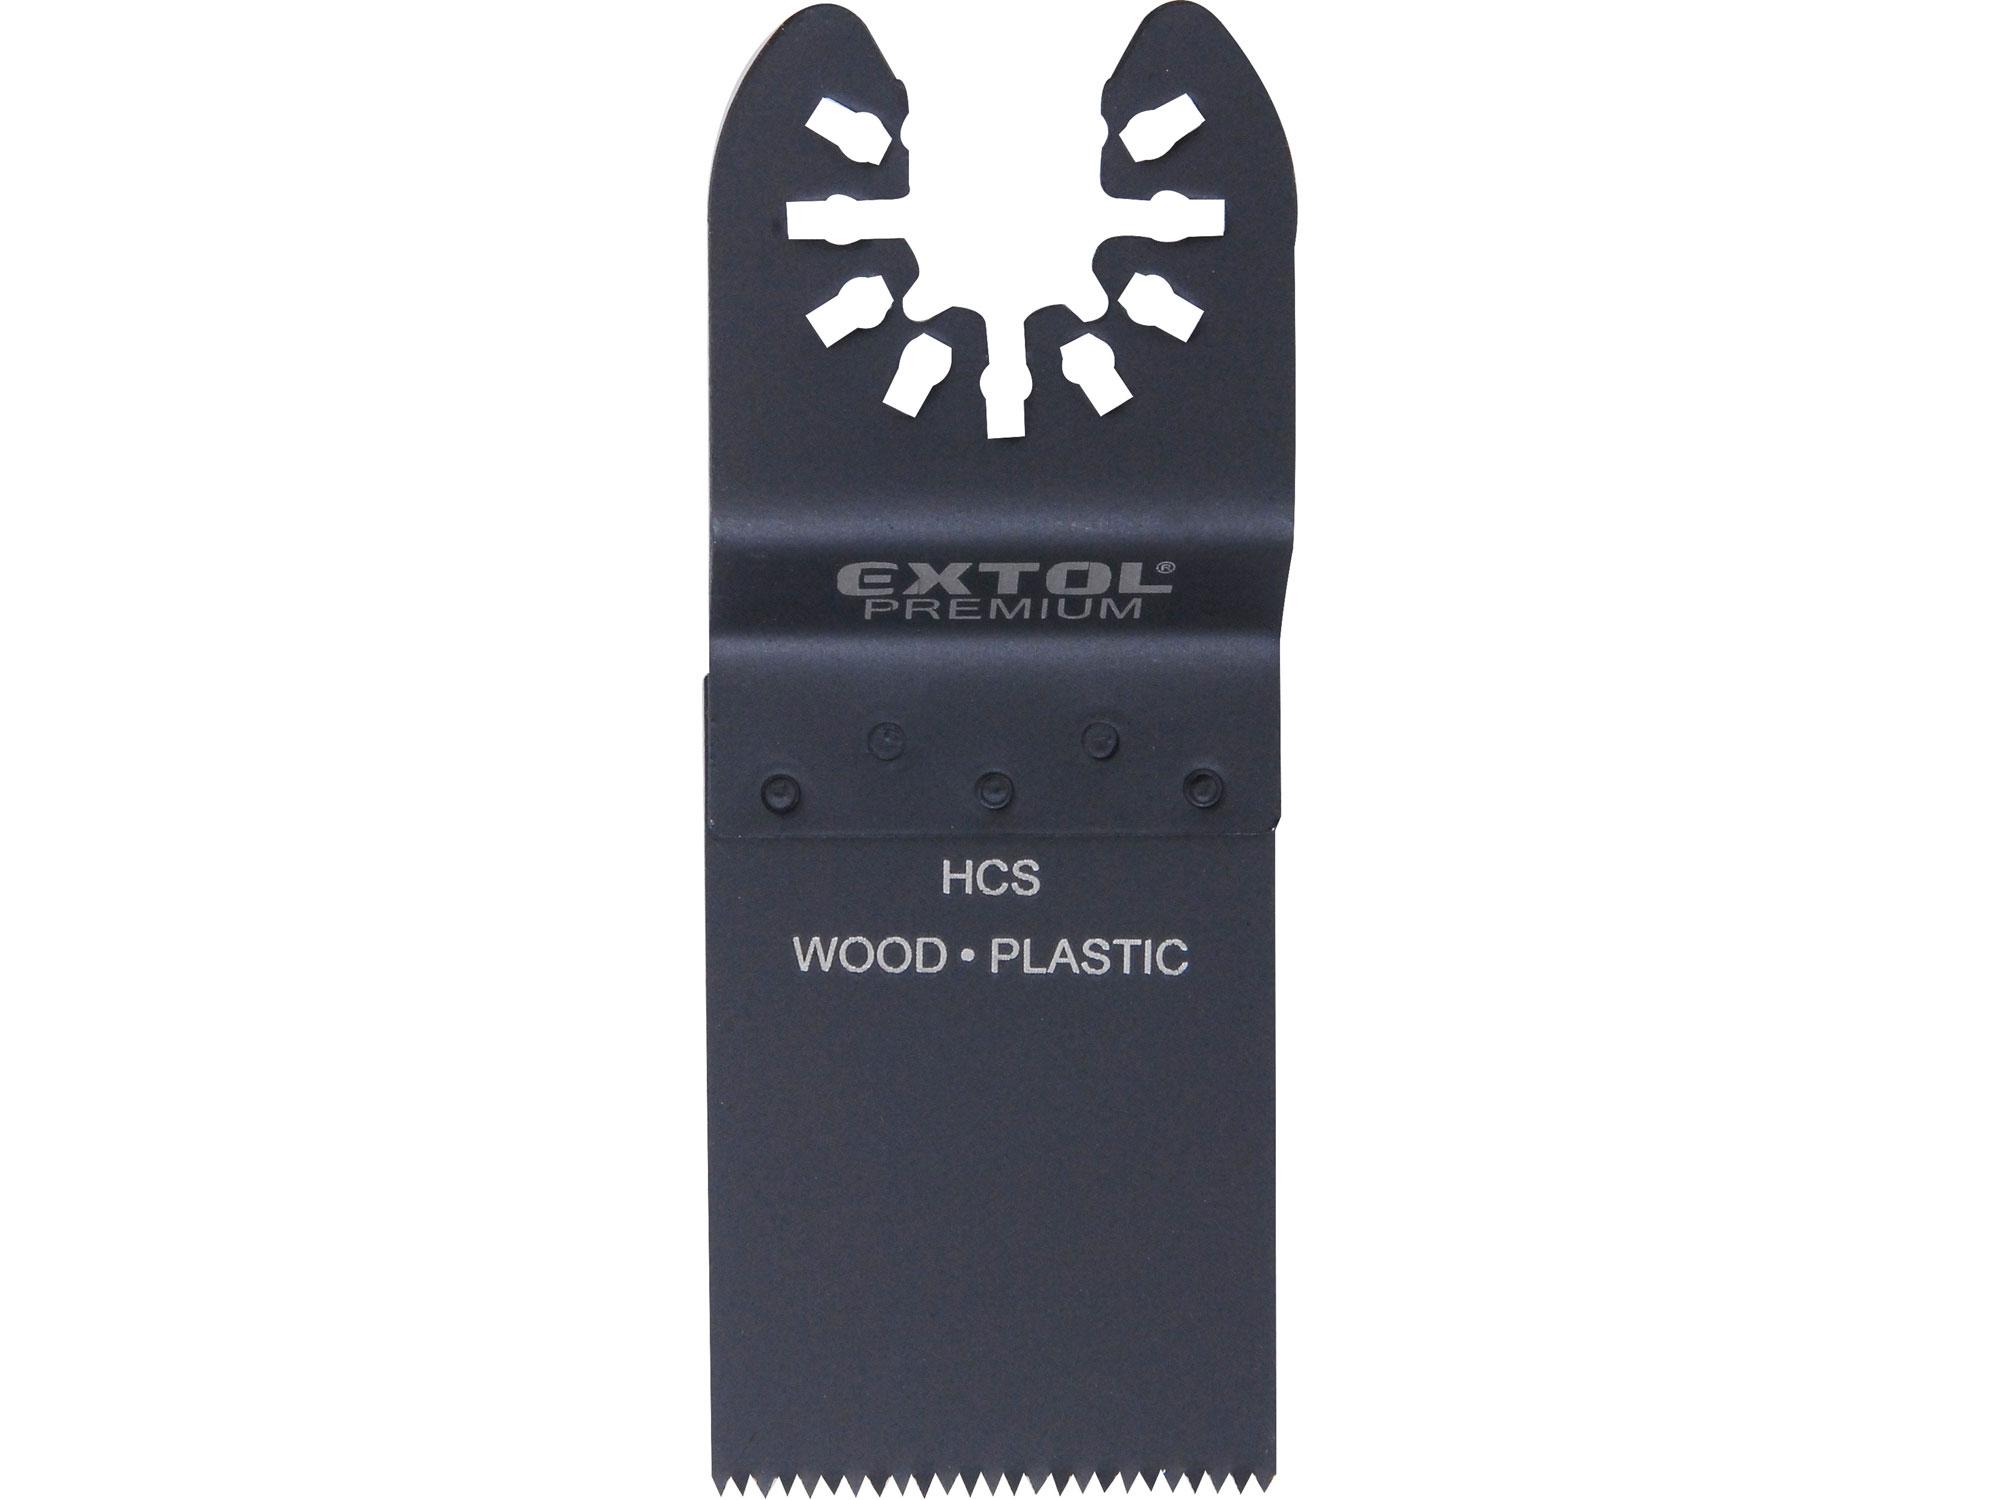 Listy pilové zanořovací na dřevo 2ks, 34mm, HCS EXTOL PREMIUM 8803852